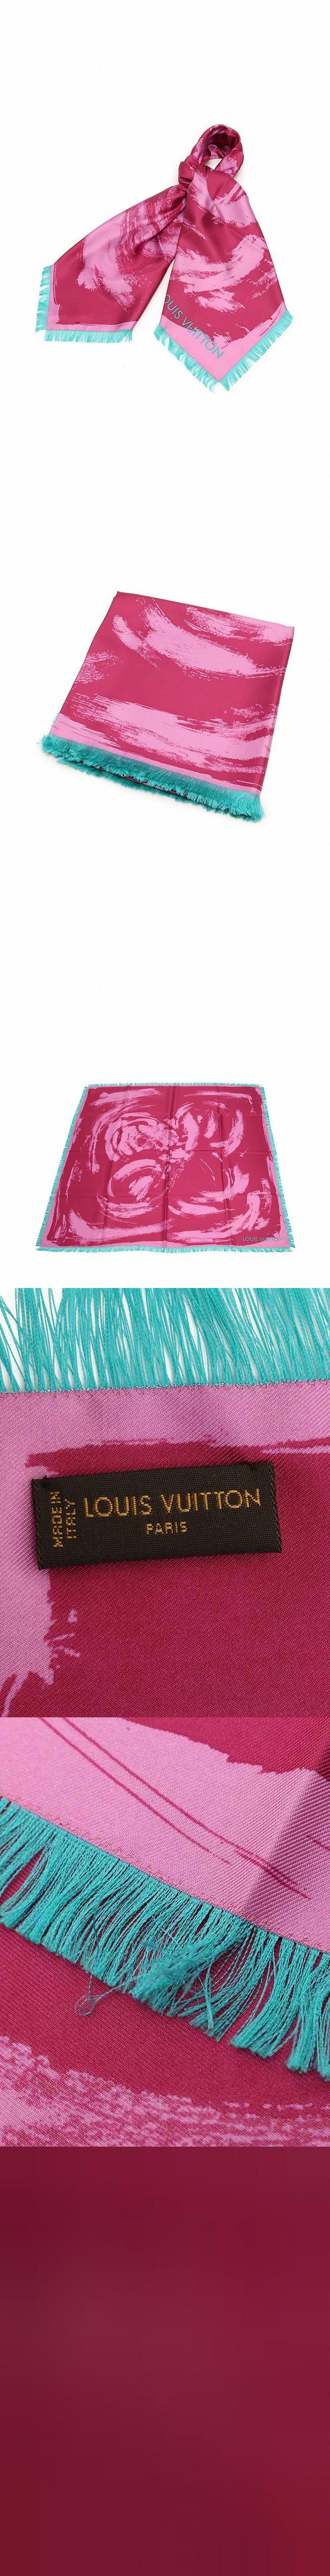 スカーフ スクエア カレ アーティー ピンク 緑 小物 シルク100% M74876 箱付き